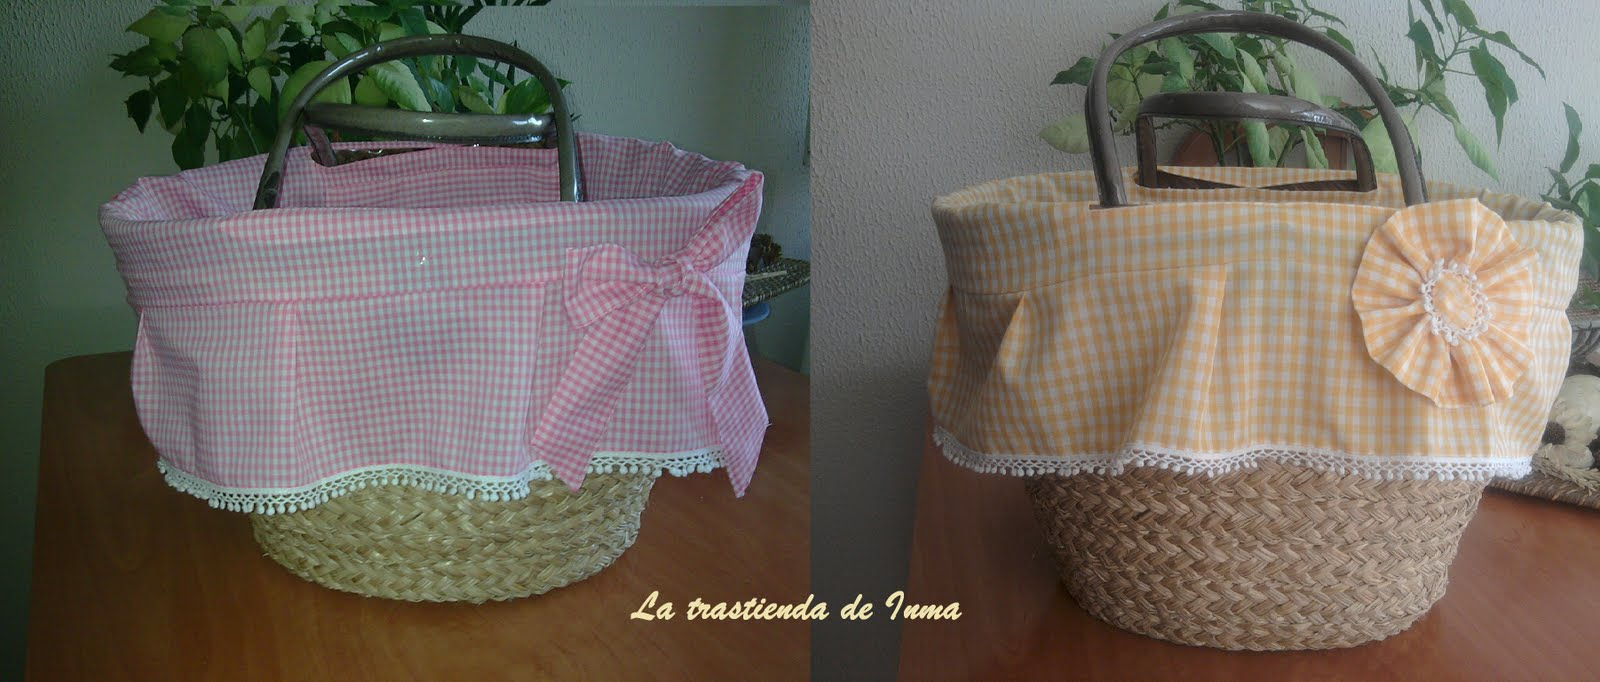 La trastienda de inma cesto de mimbre para la playa - Como forrar cestas de mimbre ...